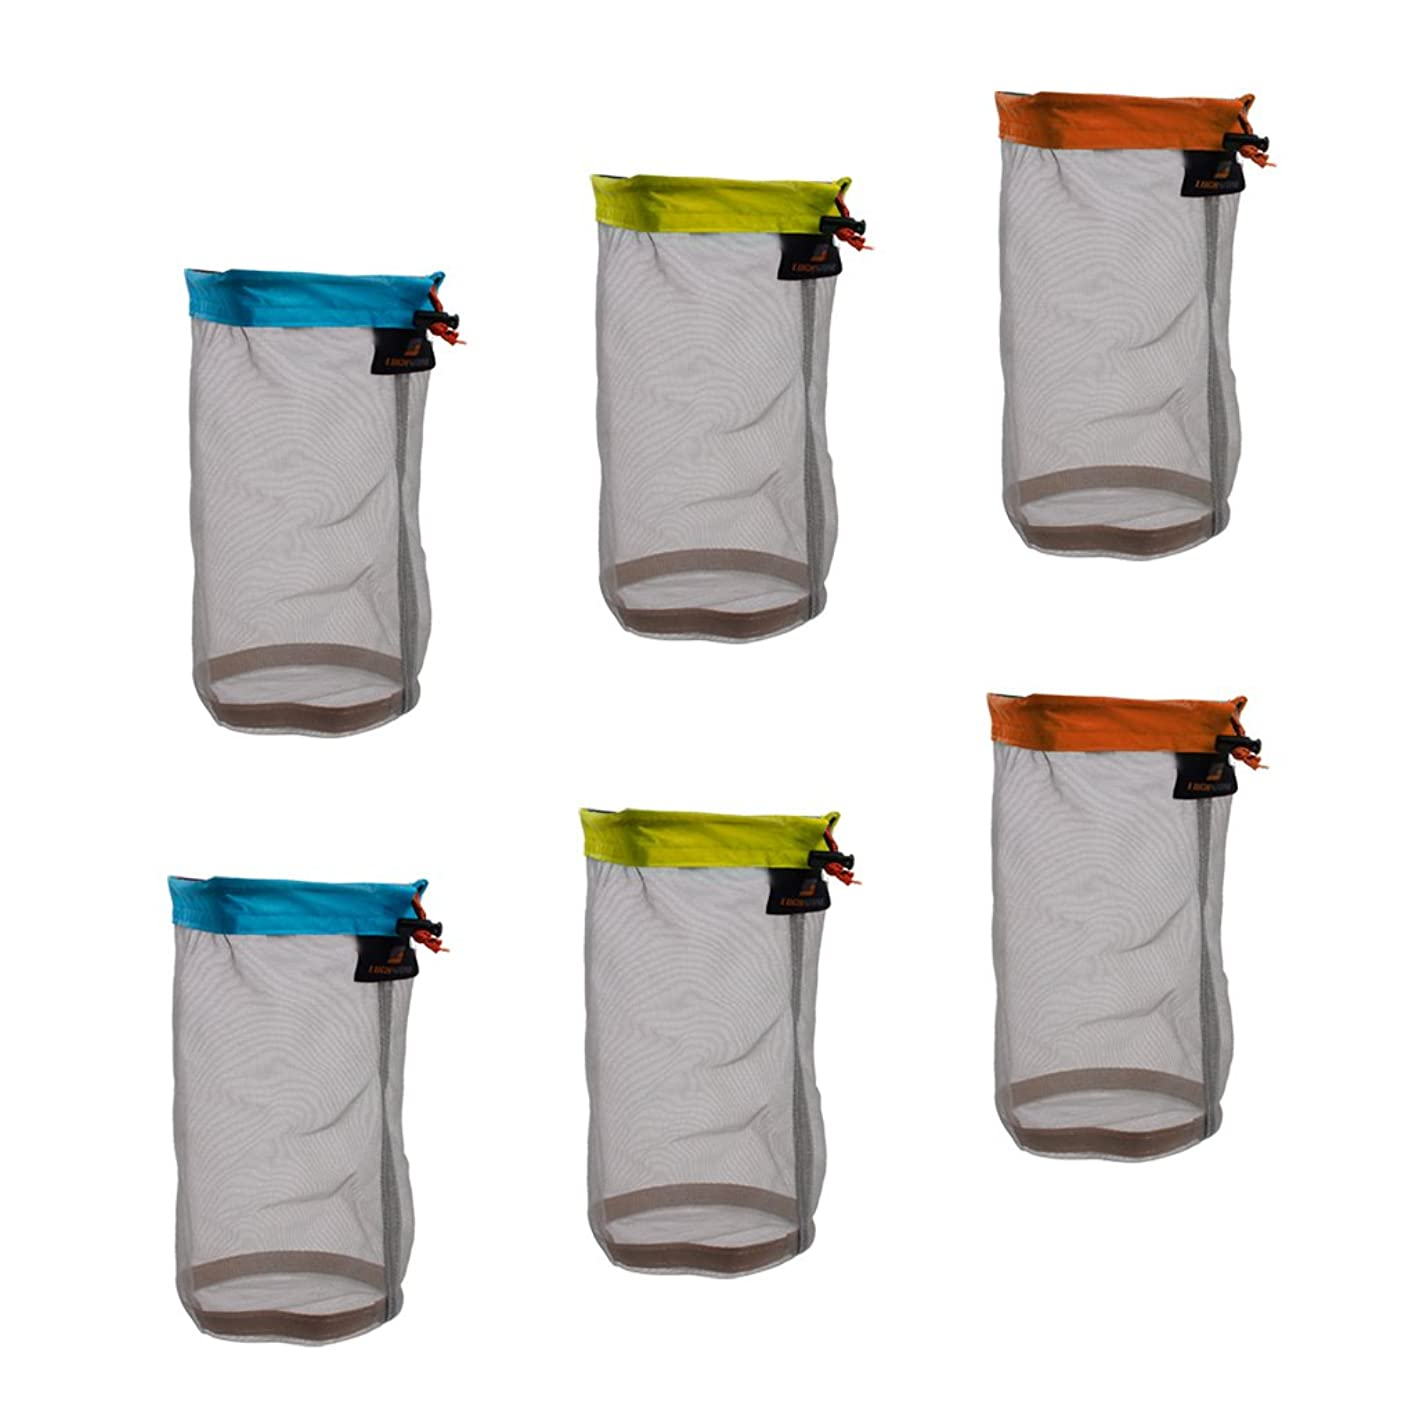 スティック勧告冷凍庫DYNWAVE 超軽量 メッシュ スタッフ袋 巾着ポーチ 収納袋 6個